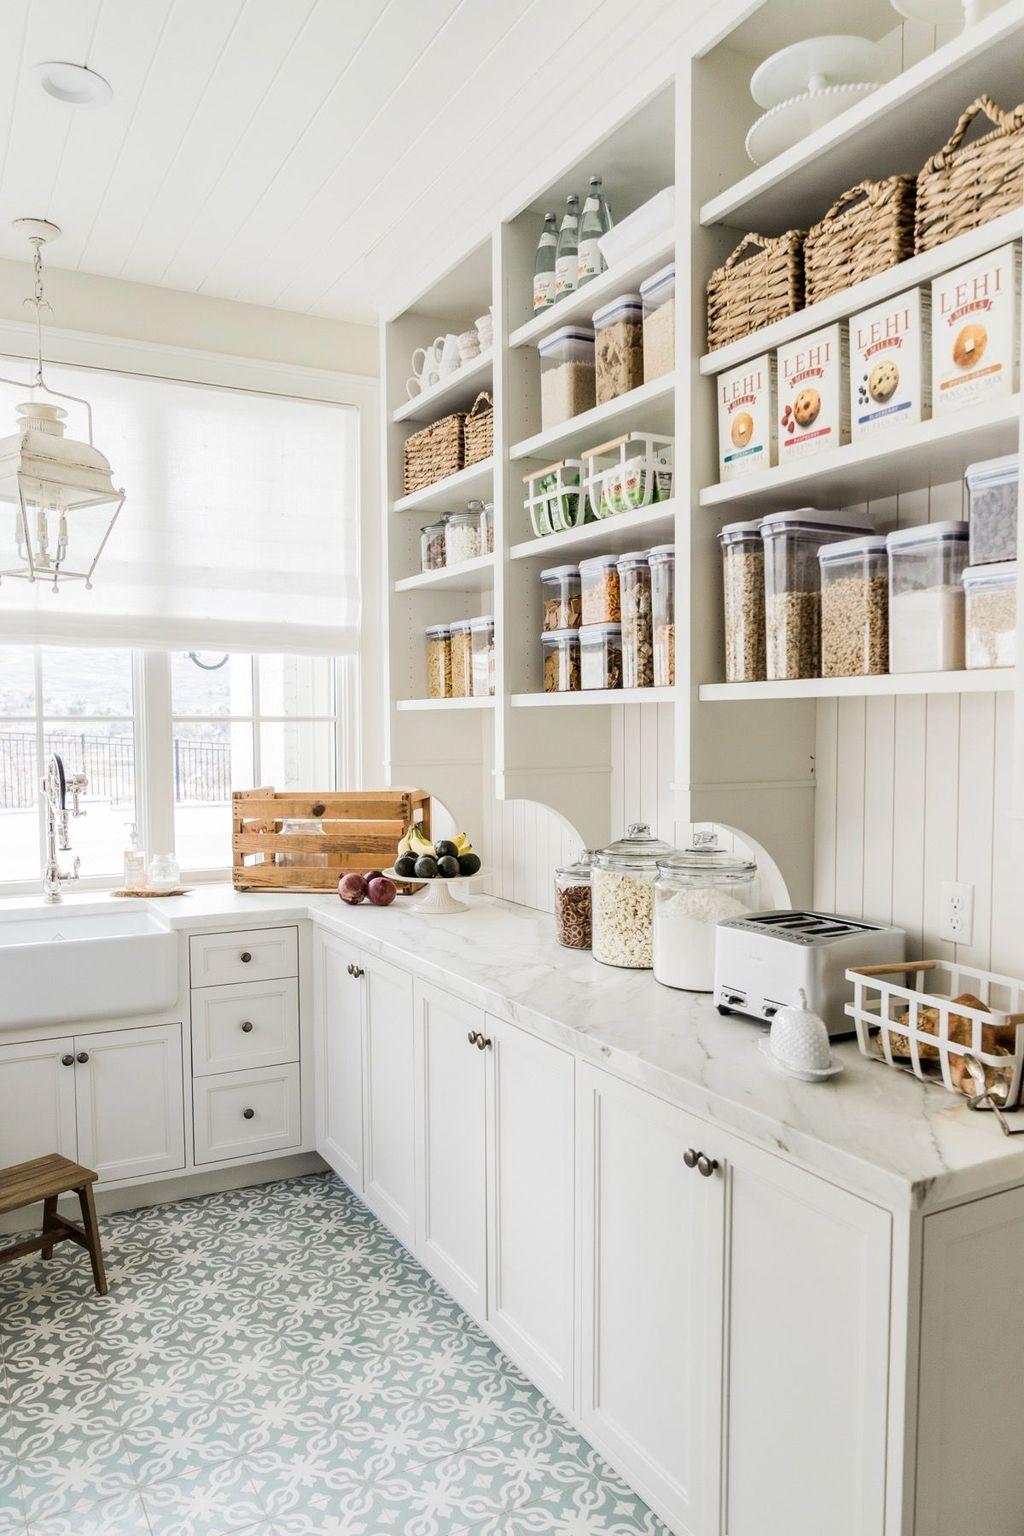 Amazing Organized Farmhouse Kitchen Decor Ideas 25